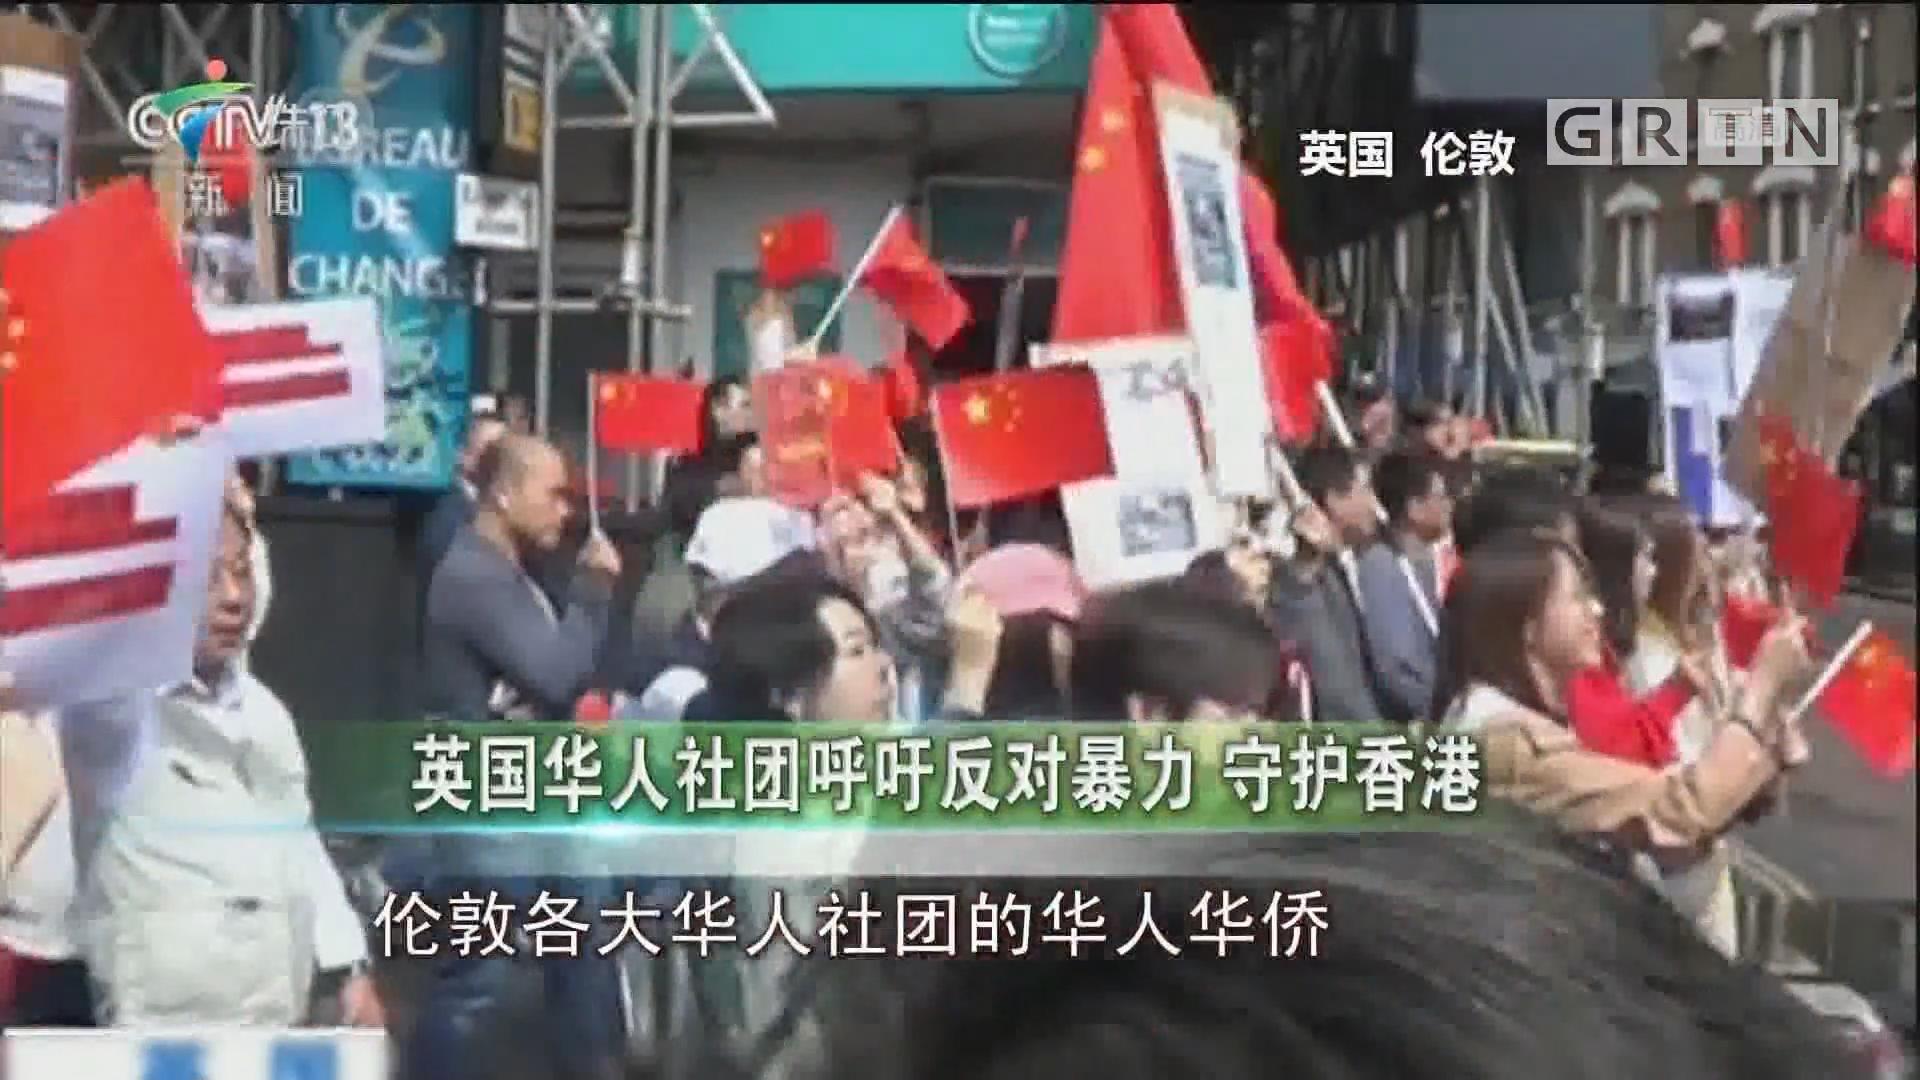 英国华人社团呼吁反对暴力 守护香港